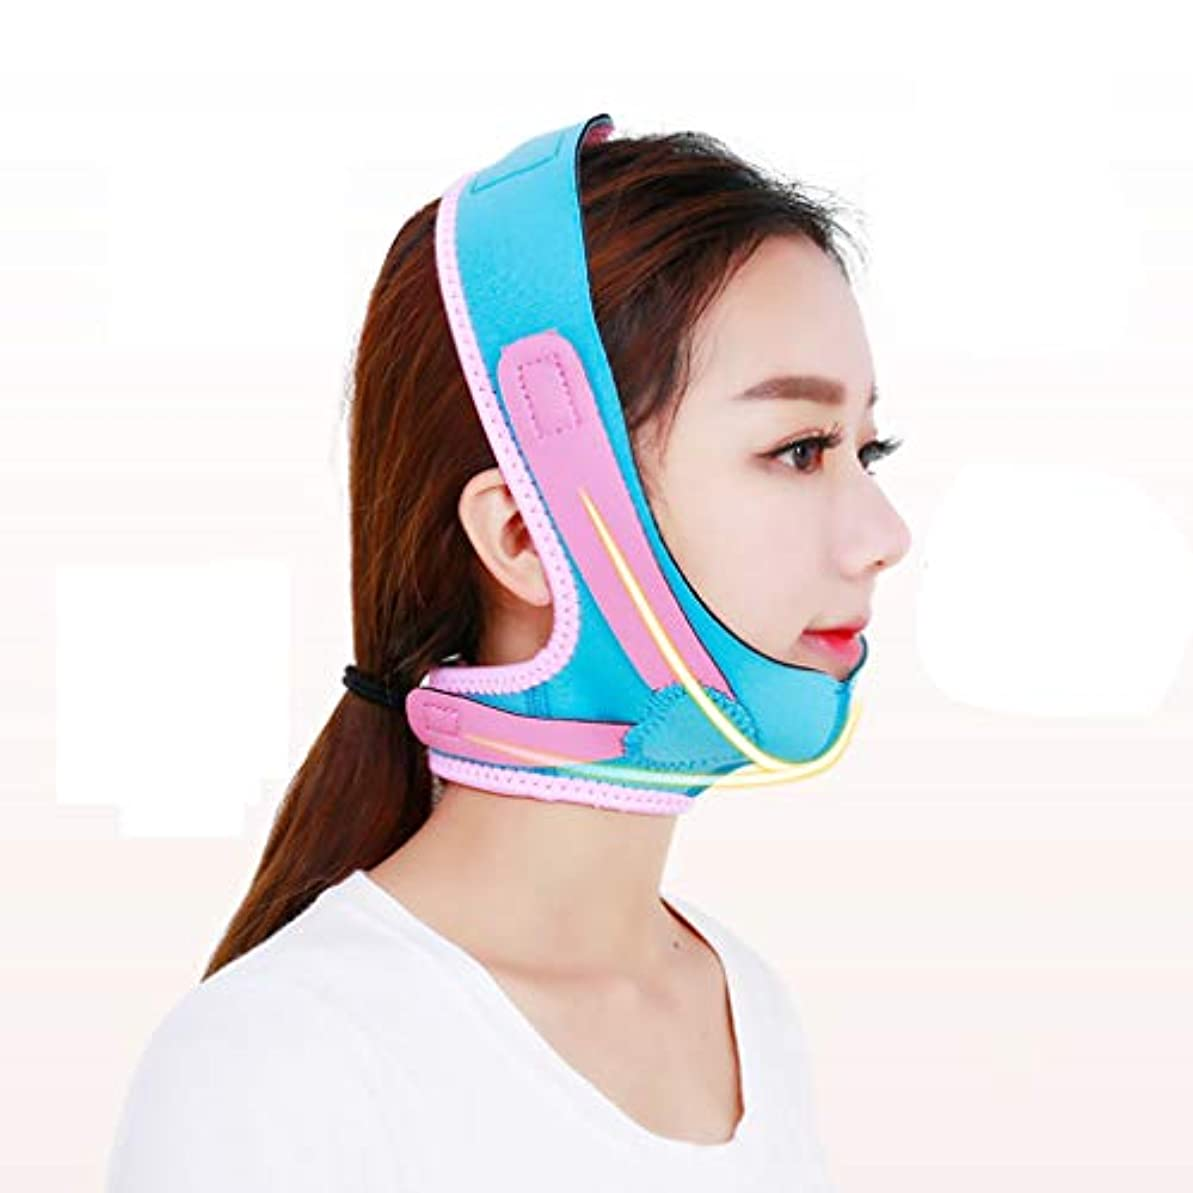 顔の重量の損失の顔の計器の包帯小さな顔のステッカーの女性の睡眠の顎セット